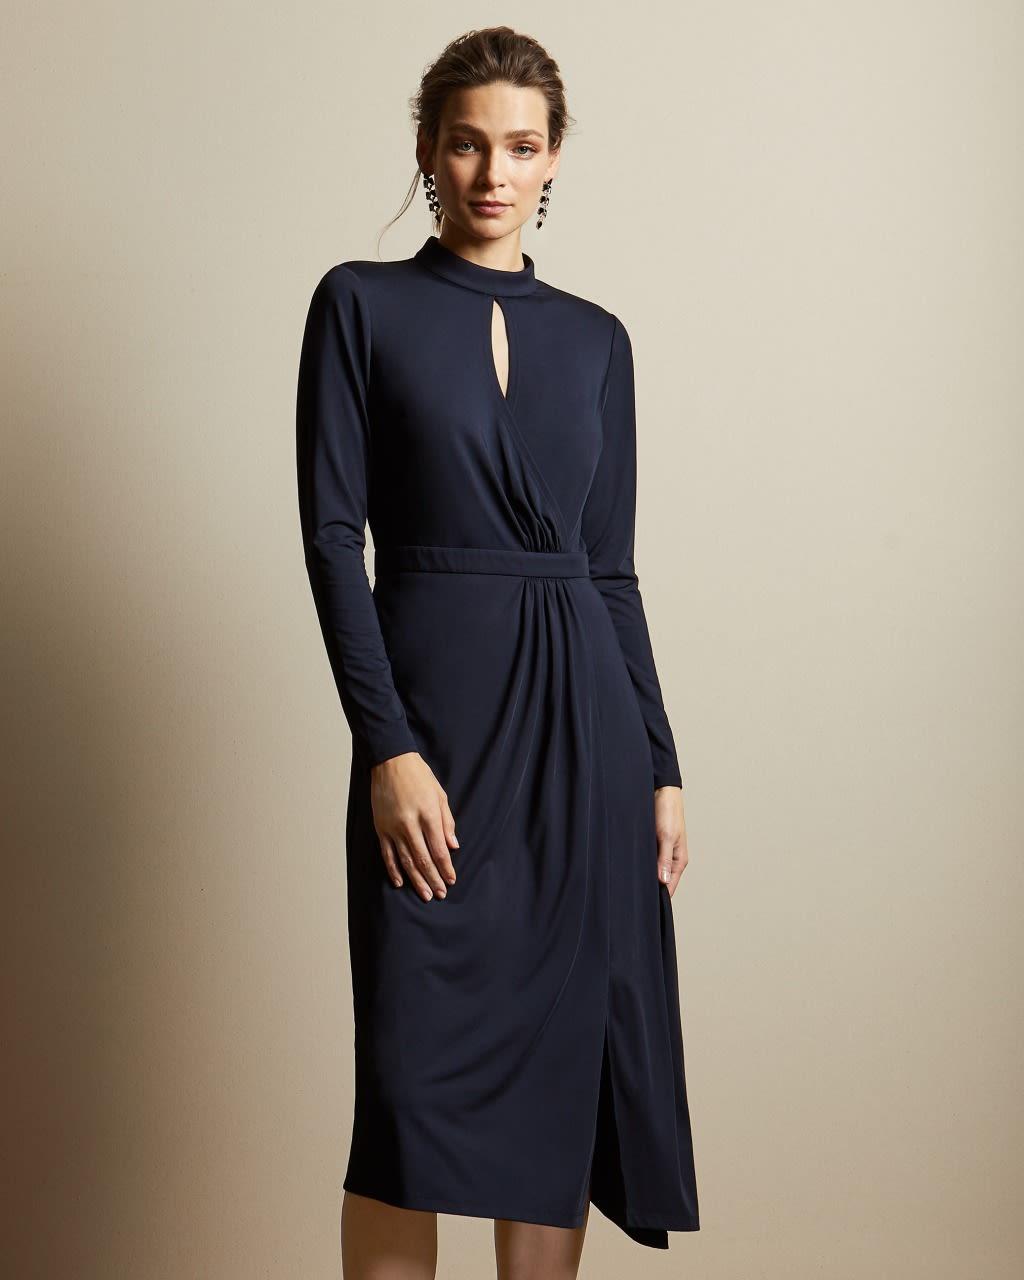 TED BAKER Asymmetrisches Kleid Aus Jersey Mit Langen Ärmeln   TED BAKER SALE